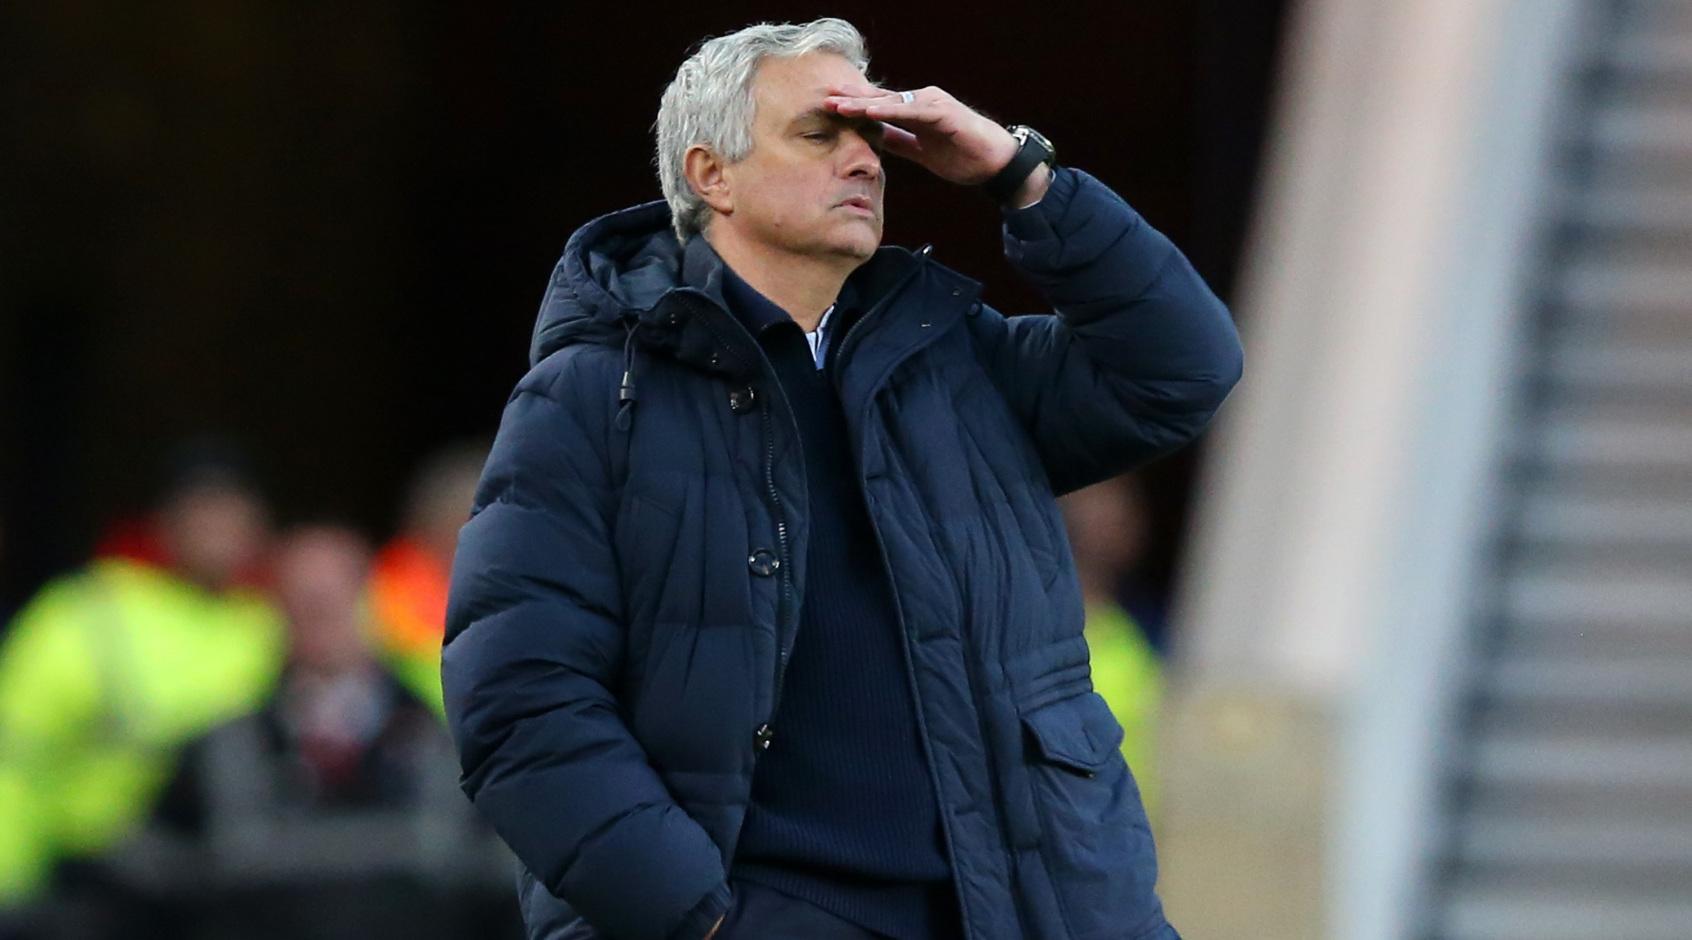 """Моуриньо: """"Тоттенхэм"""" не станет единственным клубом, с которым я не выиграю ни одного трофея"""""""